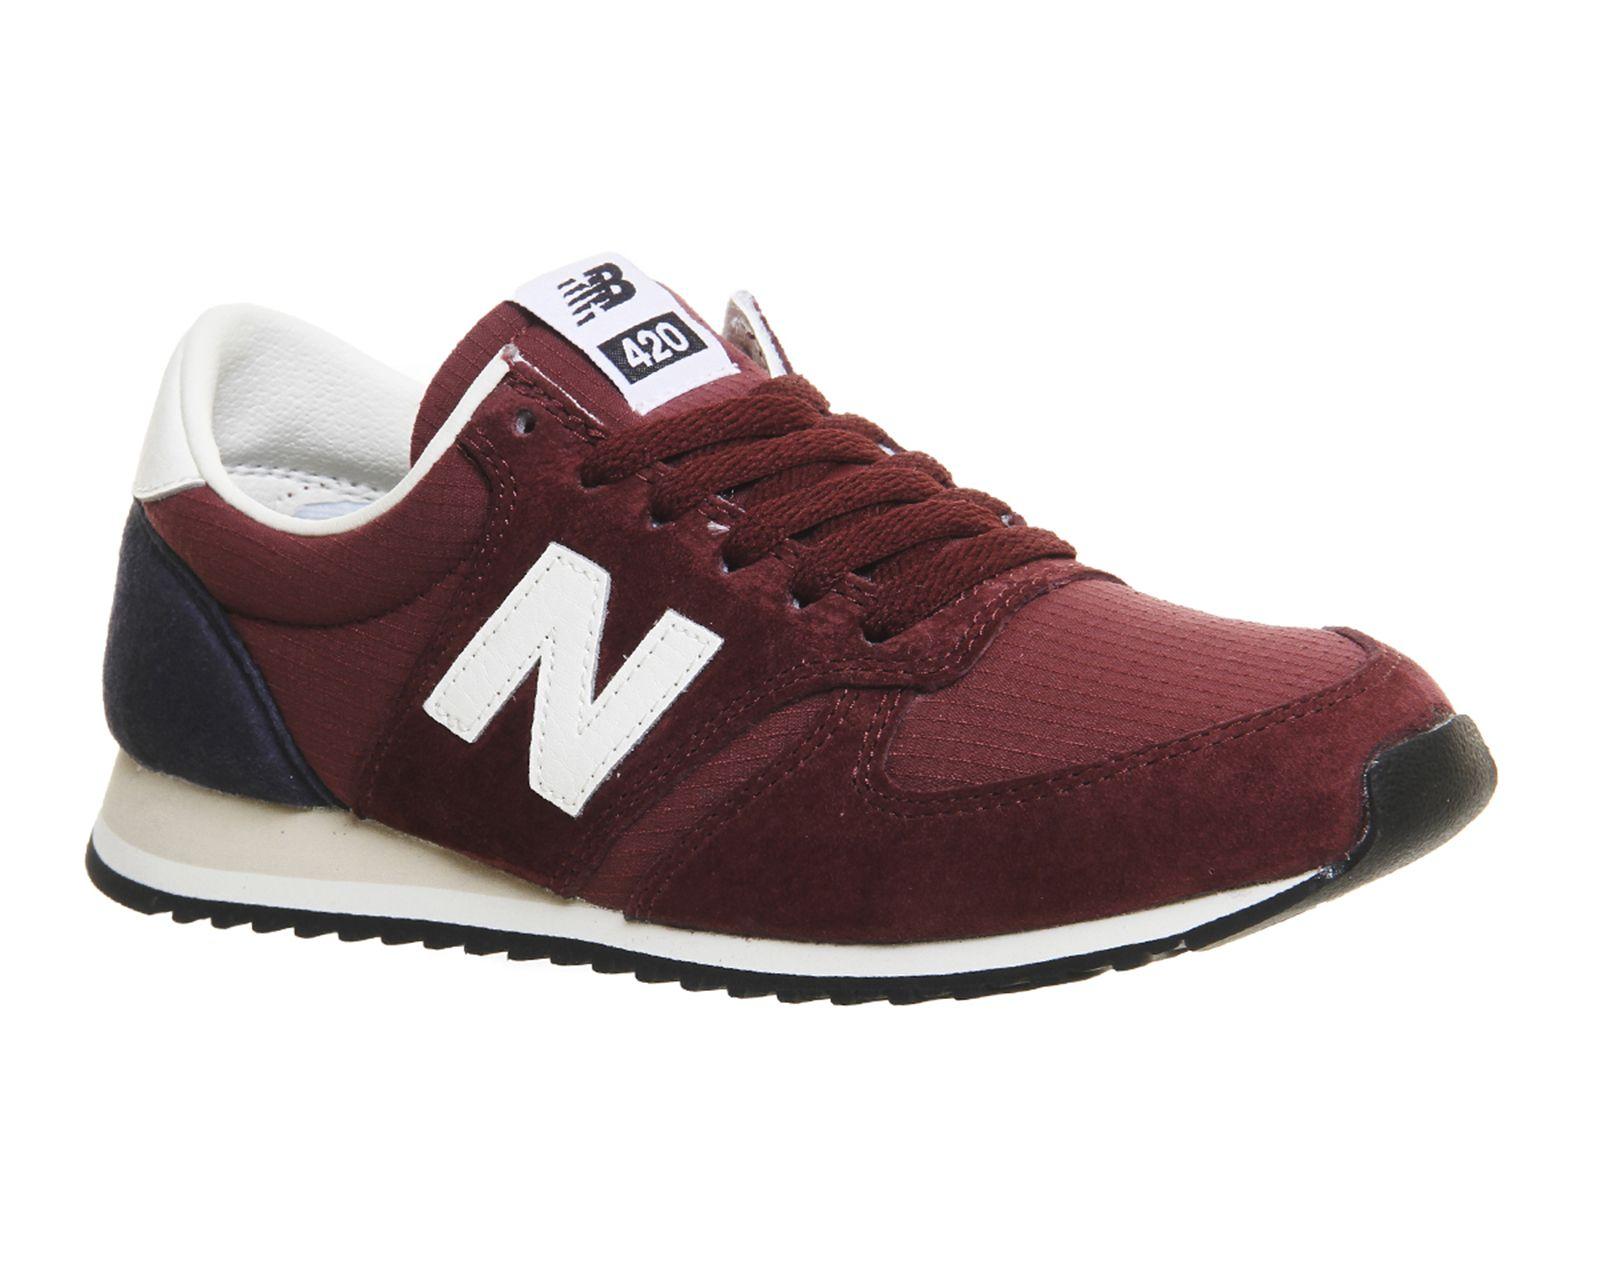 NEW Balance u420 Unisex Sneaker Scarpe Retr Scarpe Da Ginnastica Blu Scuro